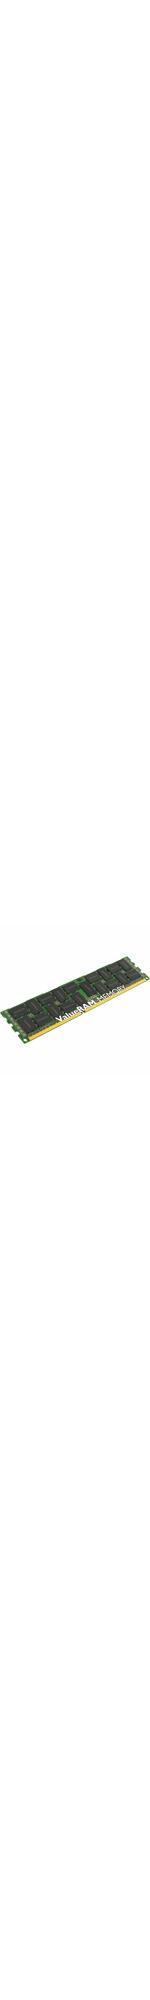 Kingston RAM Module - 16 GB 1 x 16 GB - DDR3 SDRAM - 1600 MHz DDR3-1600/PC3-12800 - 1.50 V - DIMM